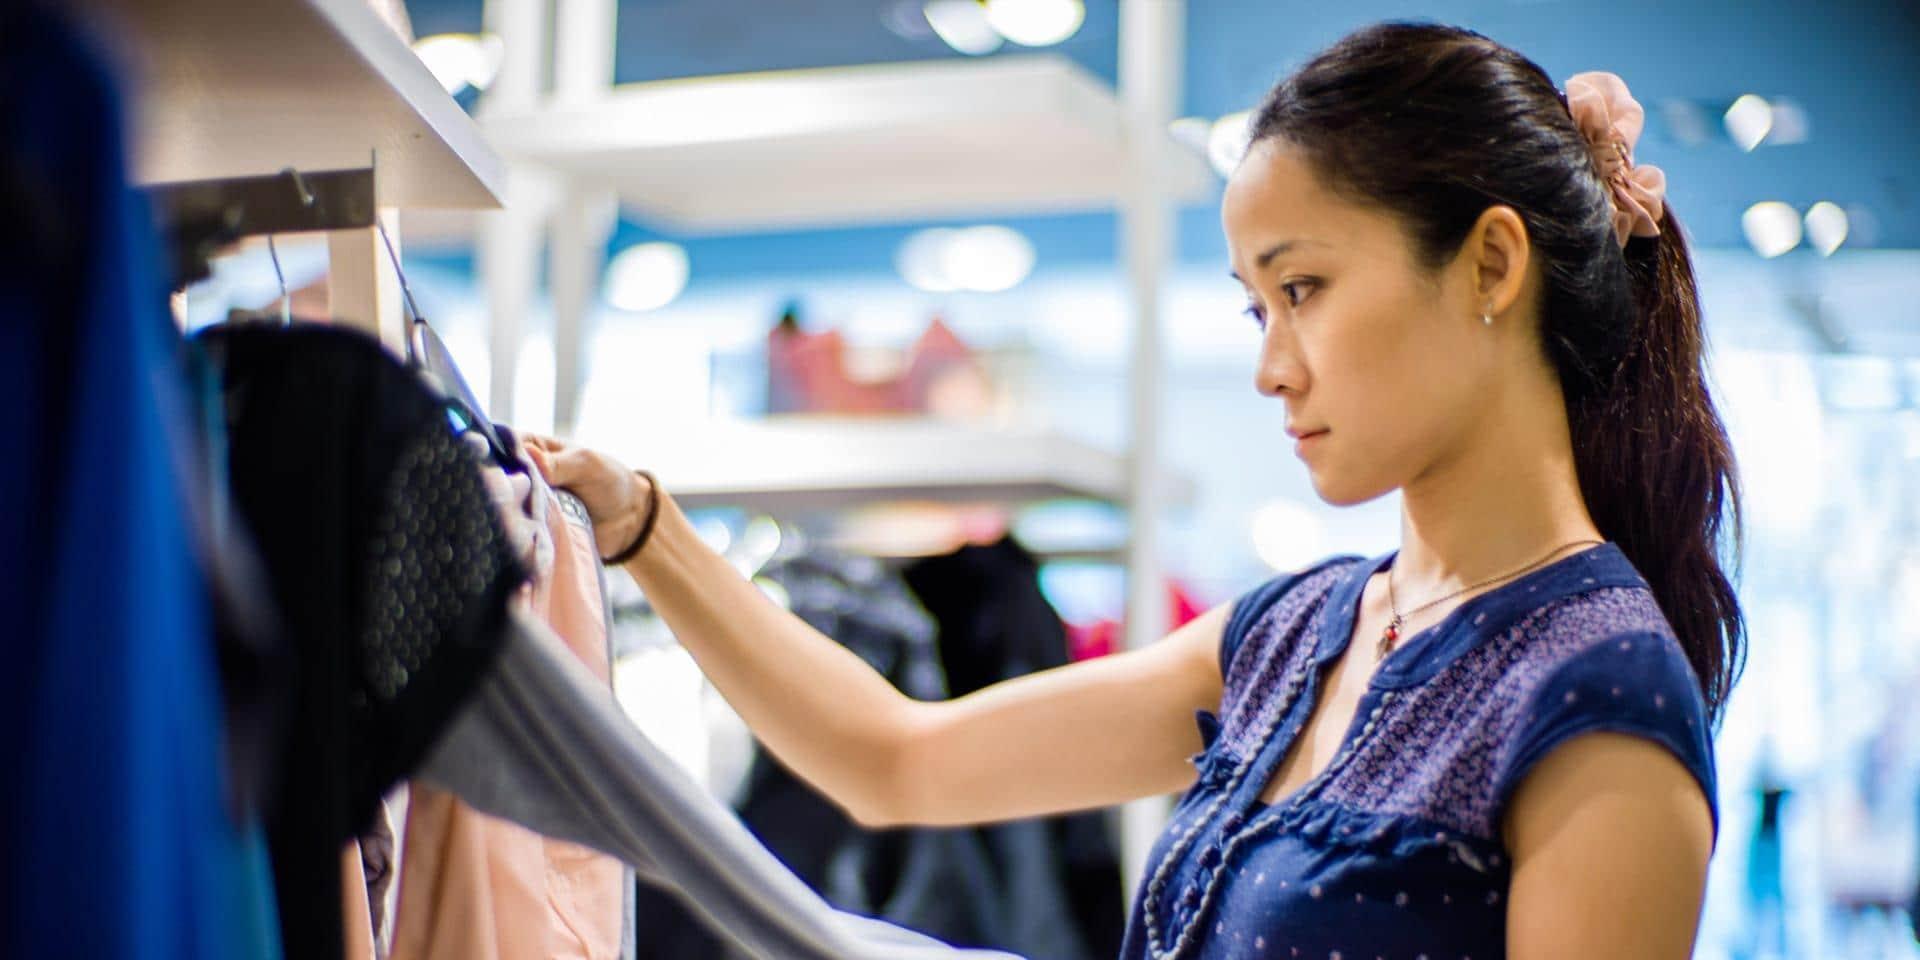 衣類をショッピングしている女性